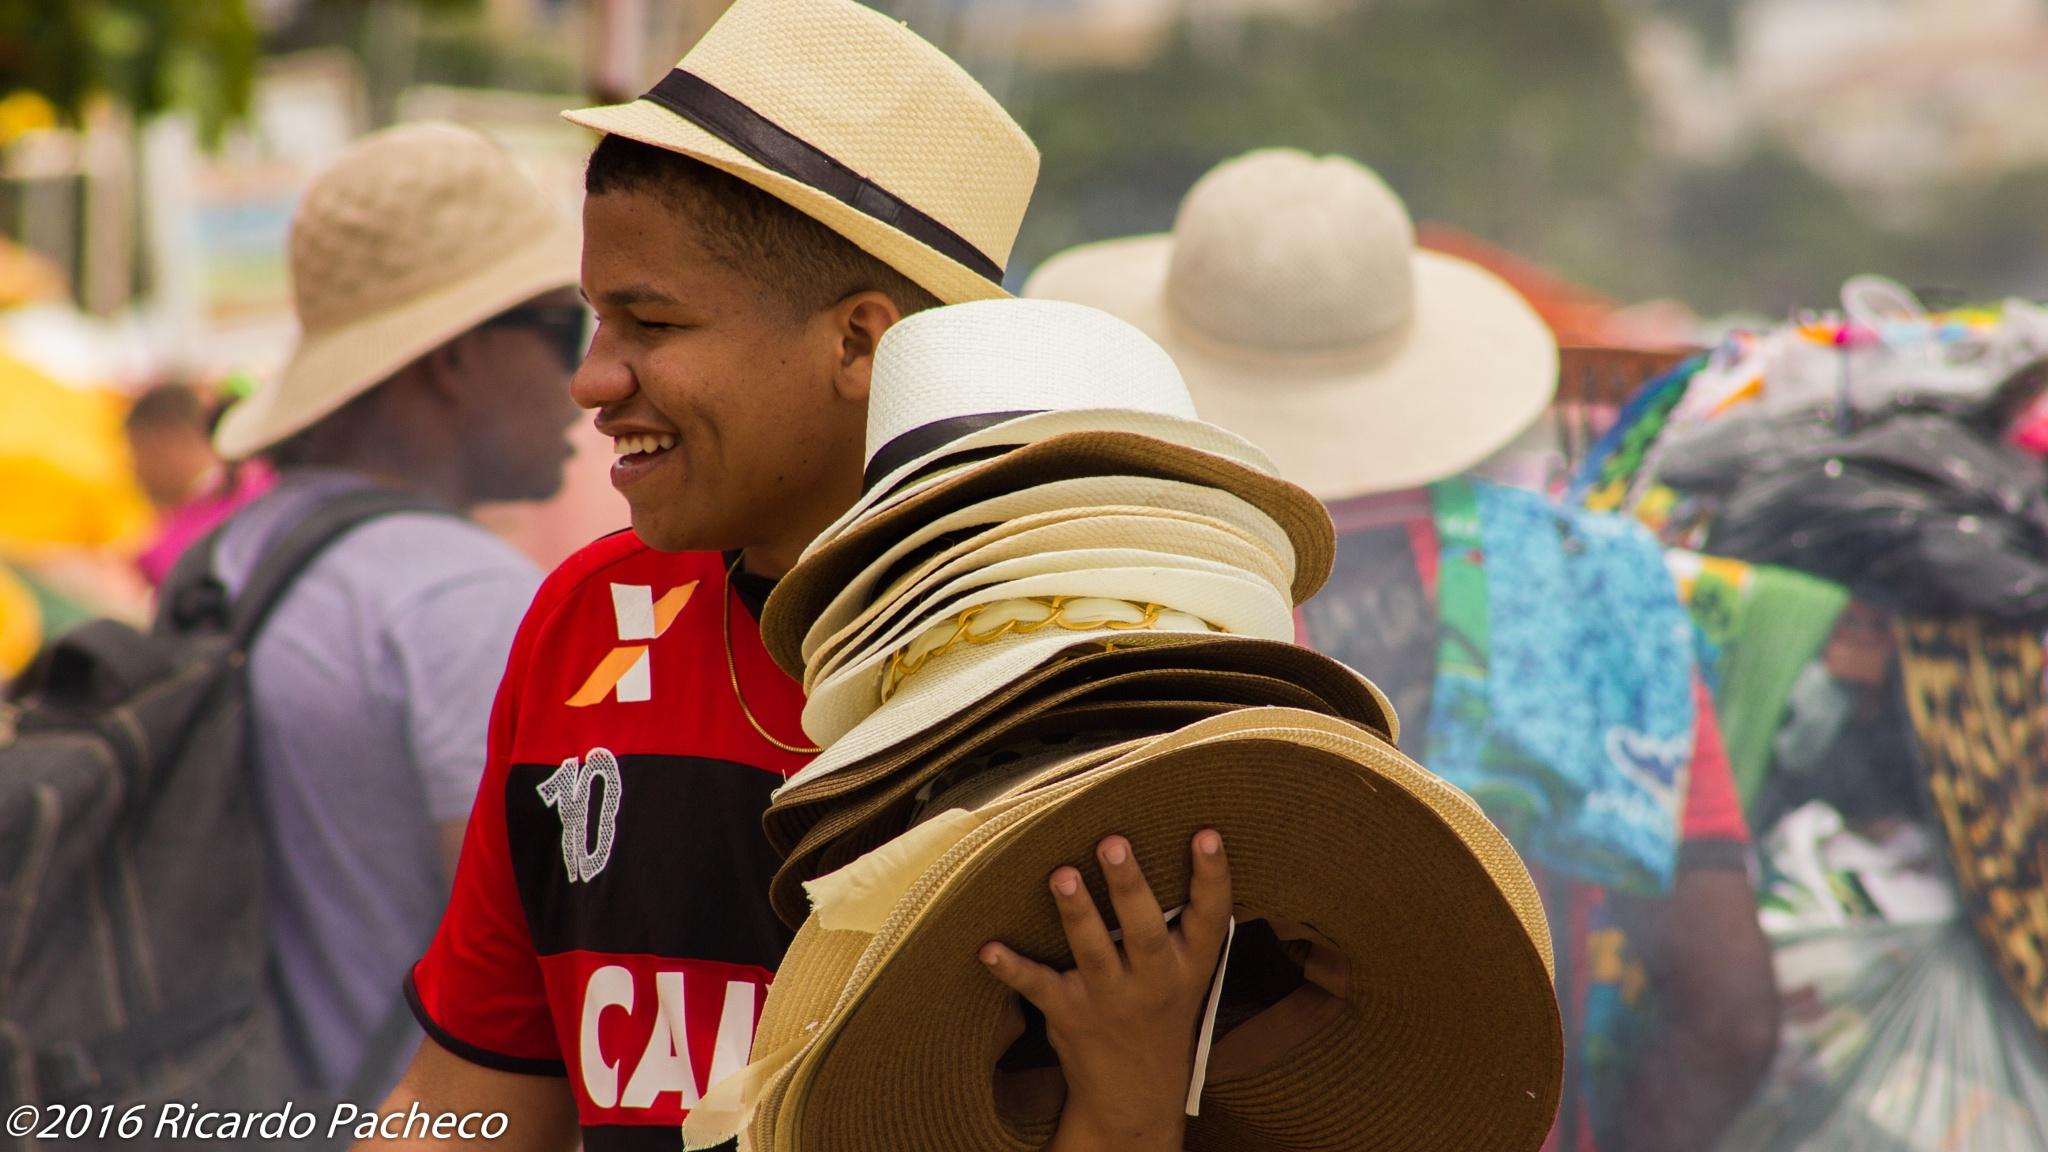 Hat by Ricardo Pacheco